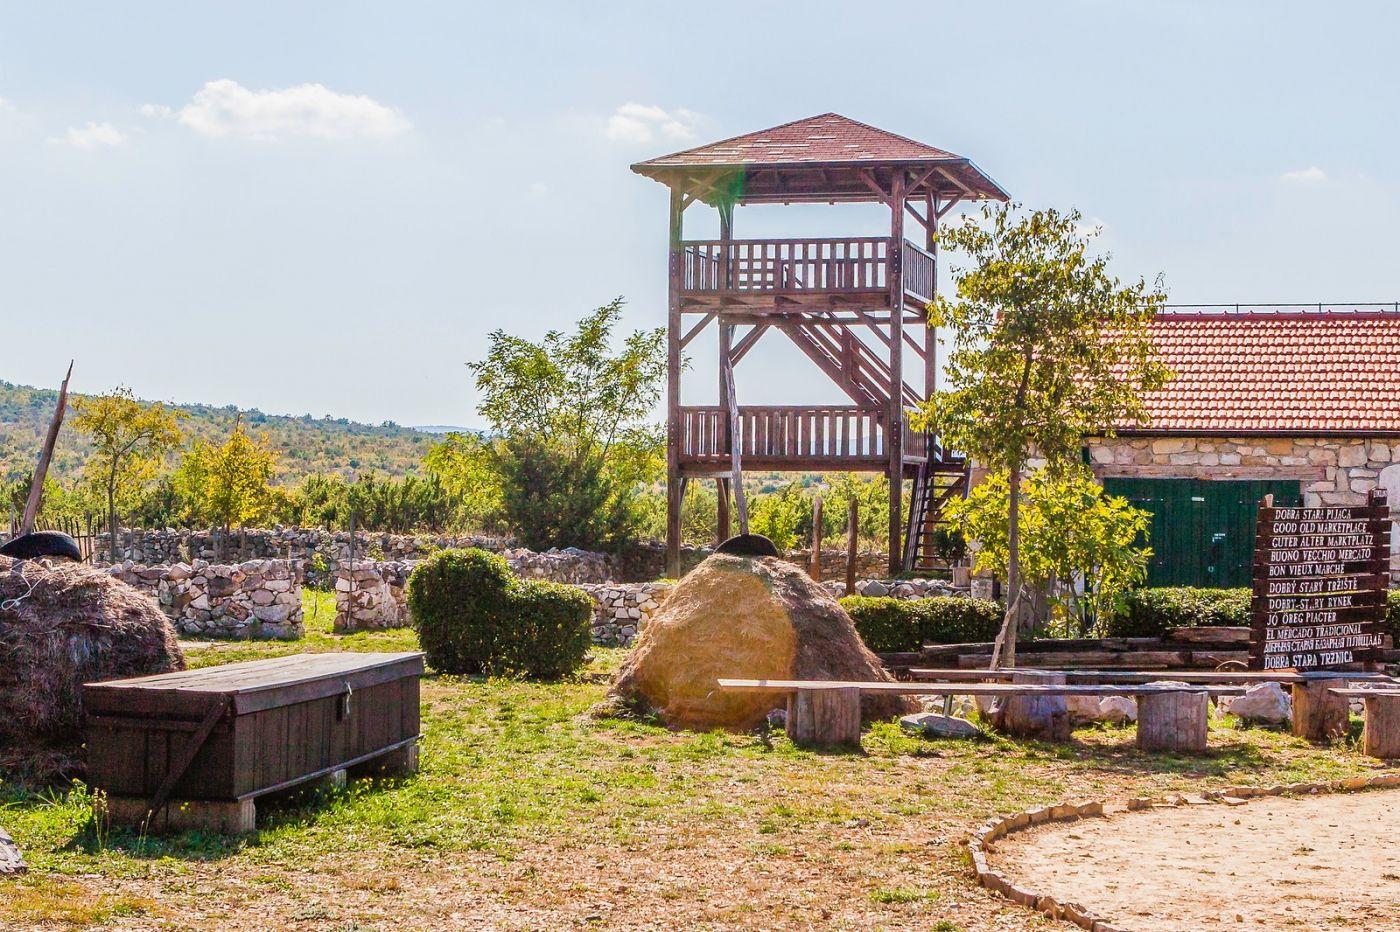 克罗地亚达尔马提亚村,独特的地域风貌_图1-7